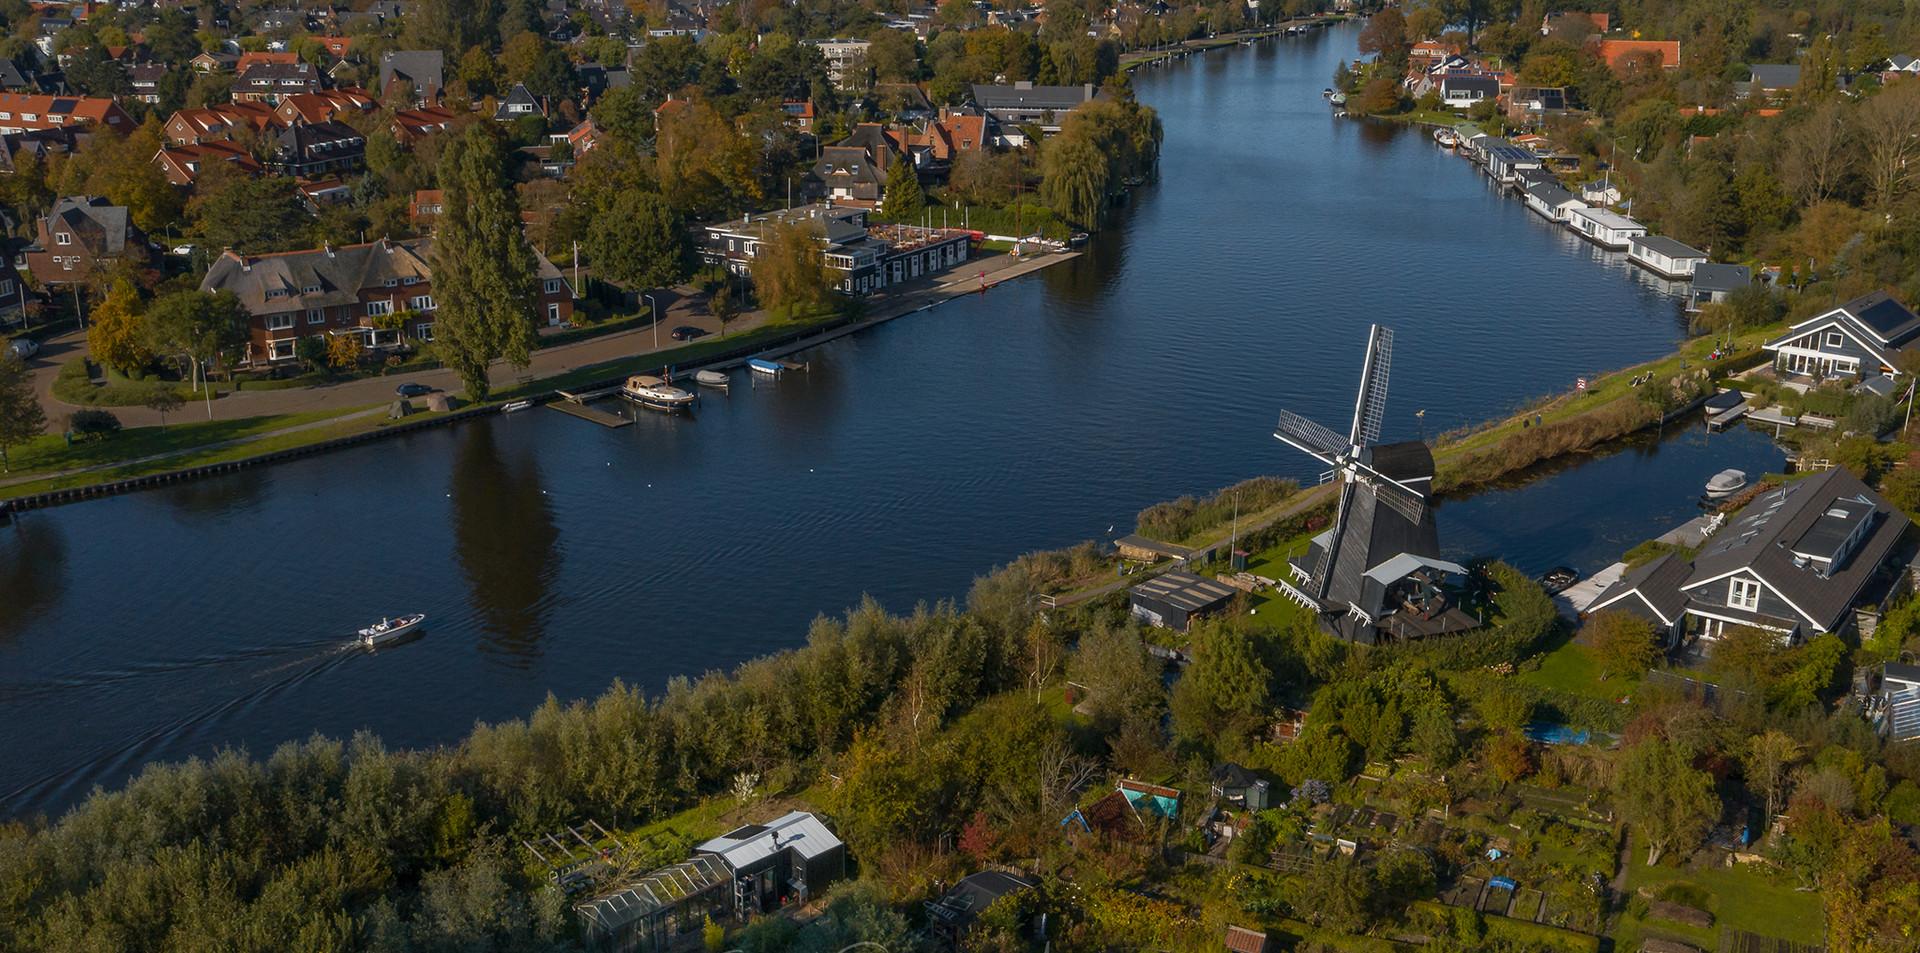 Jaagpad - Haarlem Zuid